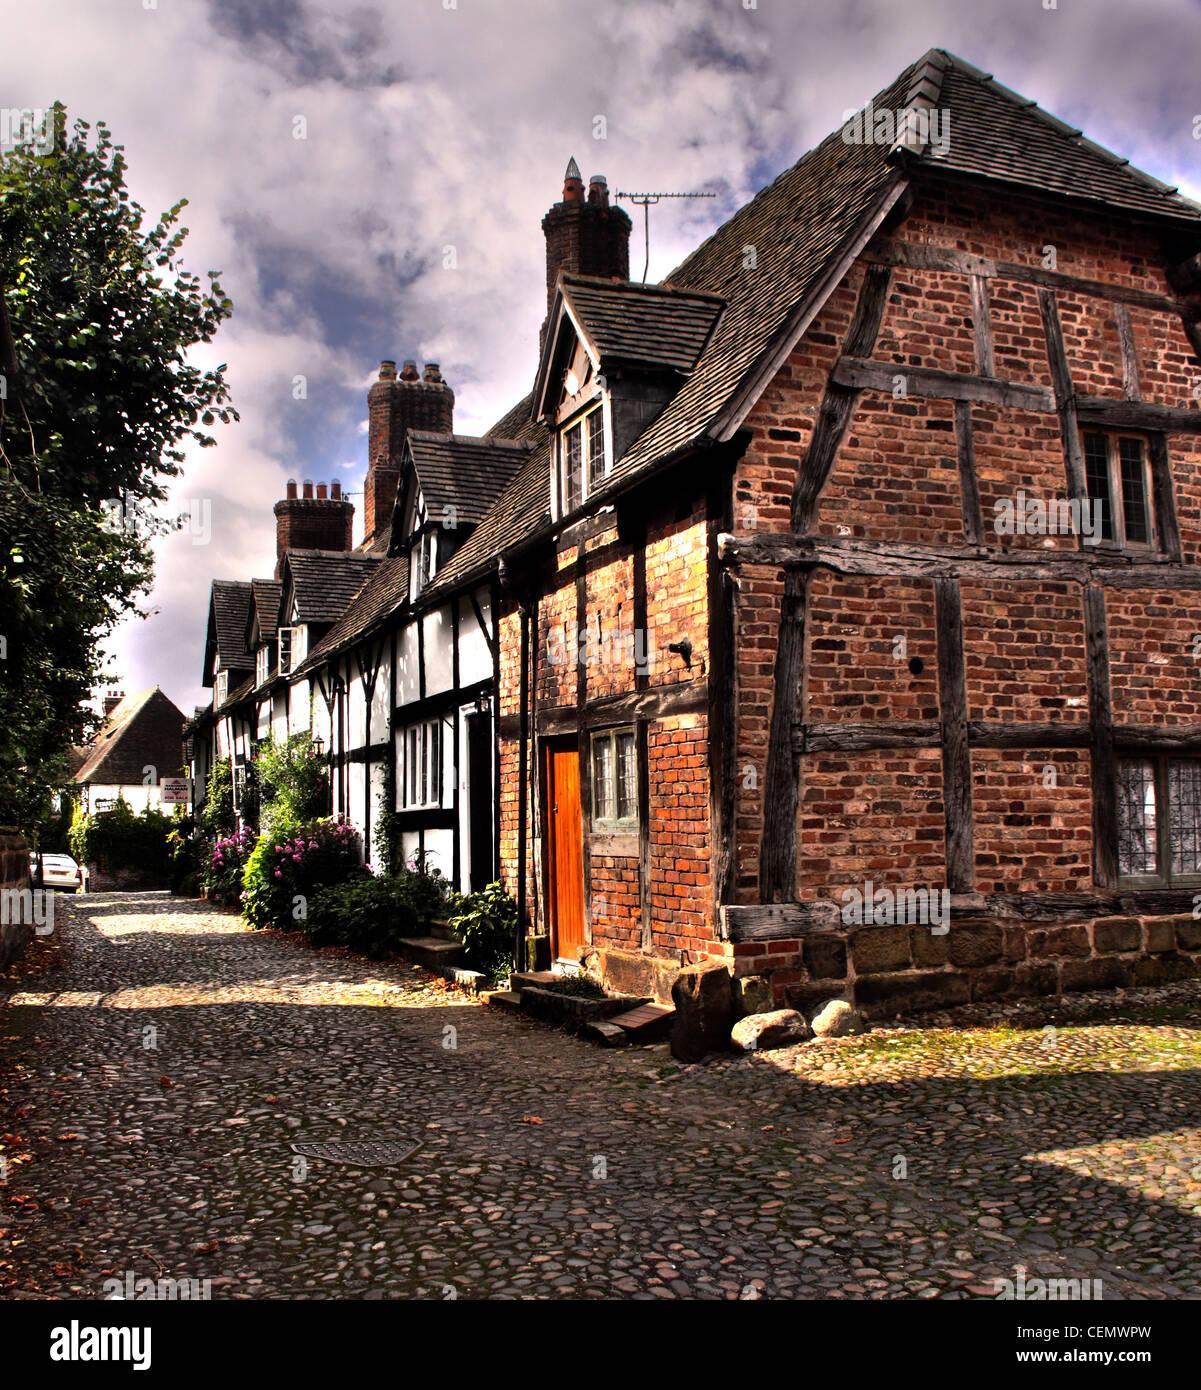 Laden Sie dieses Alamy Stockfoto Ländlichen Fachwerk Hütten auf der Schmiede Lane, Great Budworth Dorf, Dörfer, Cheshire, England, UK. - CEMWPW